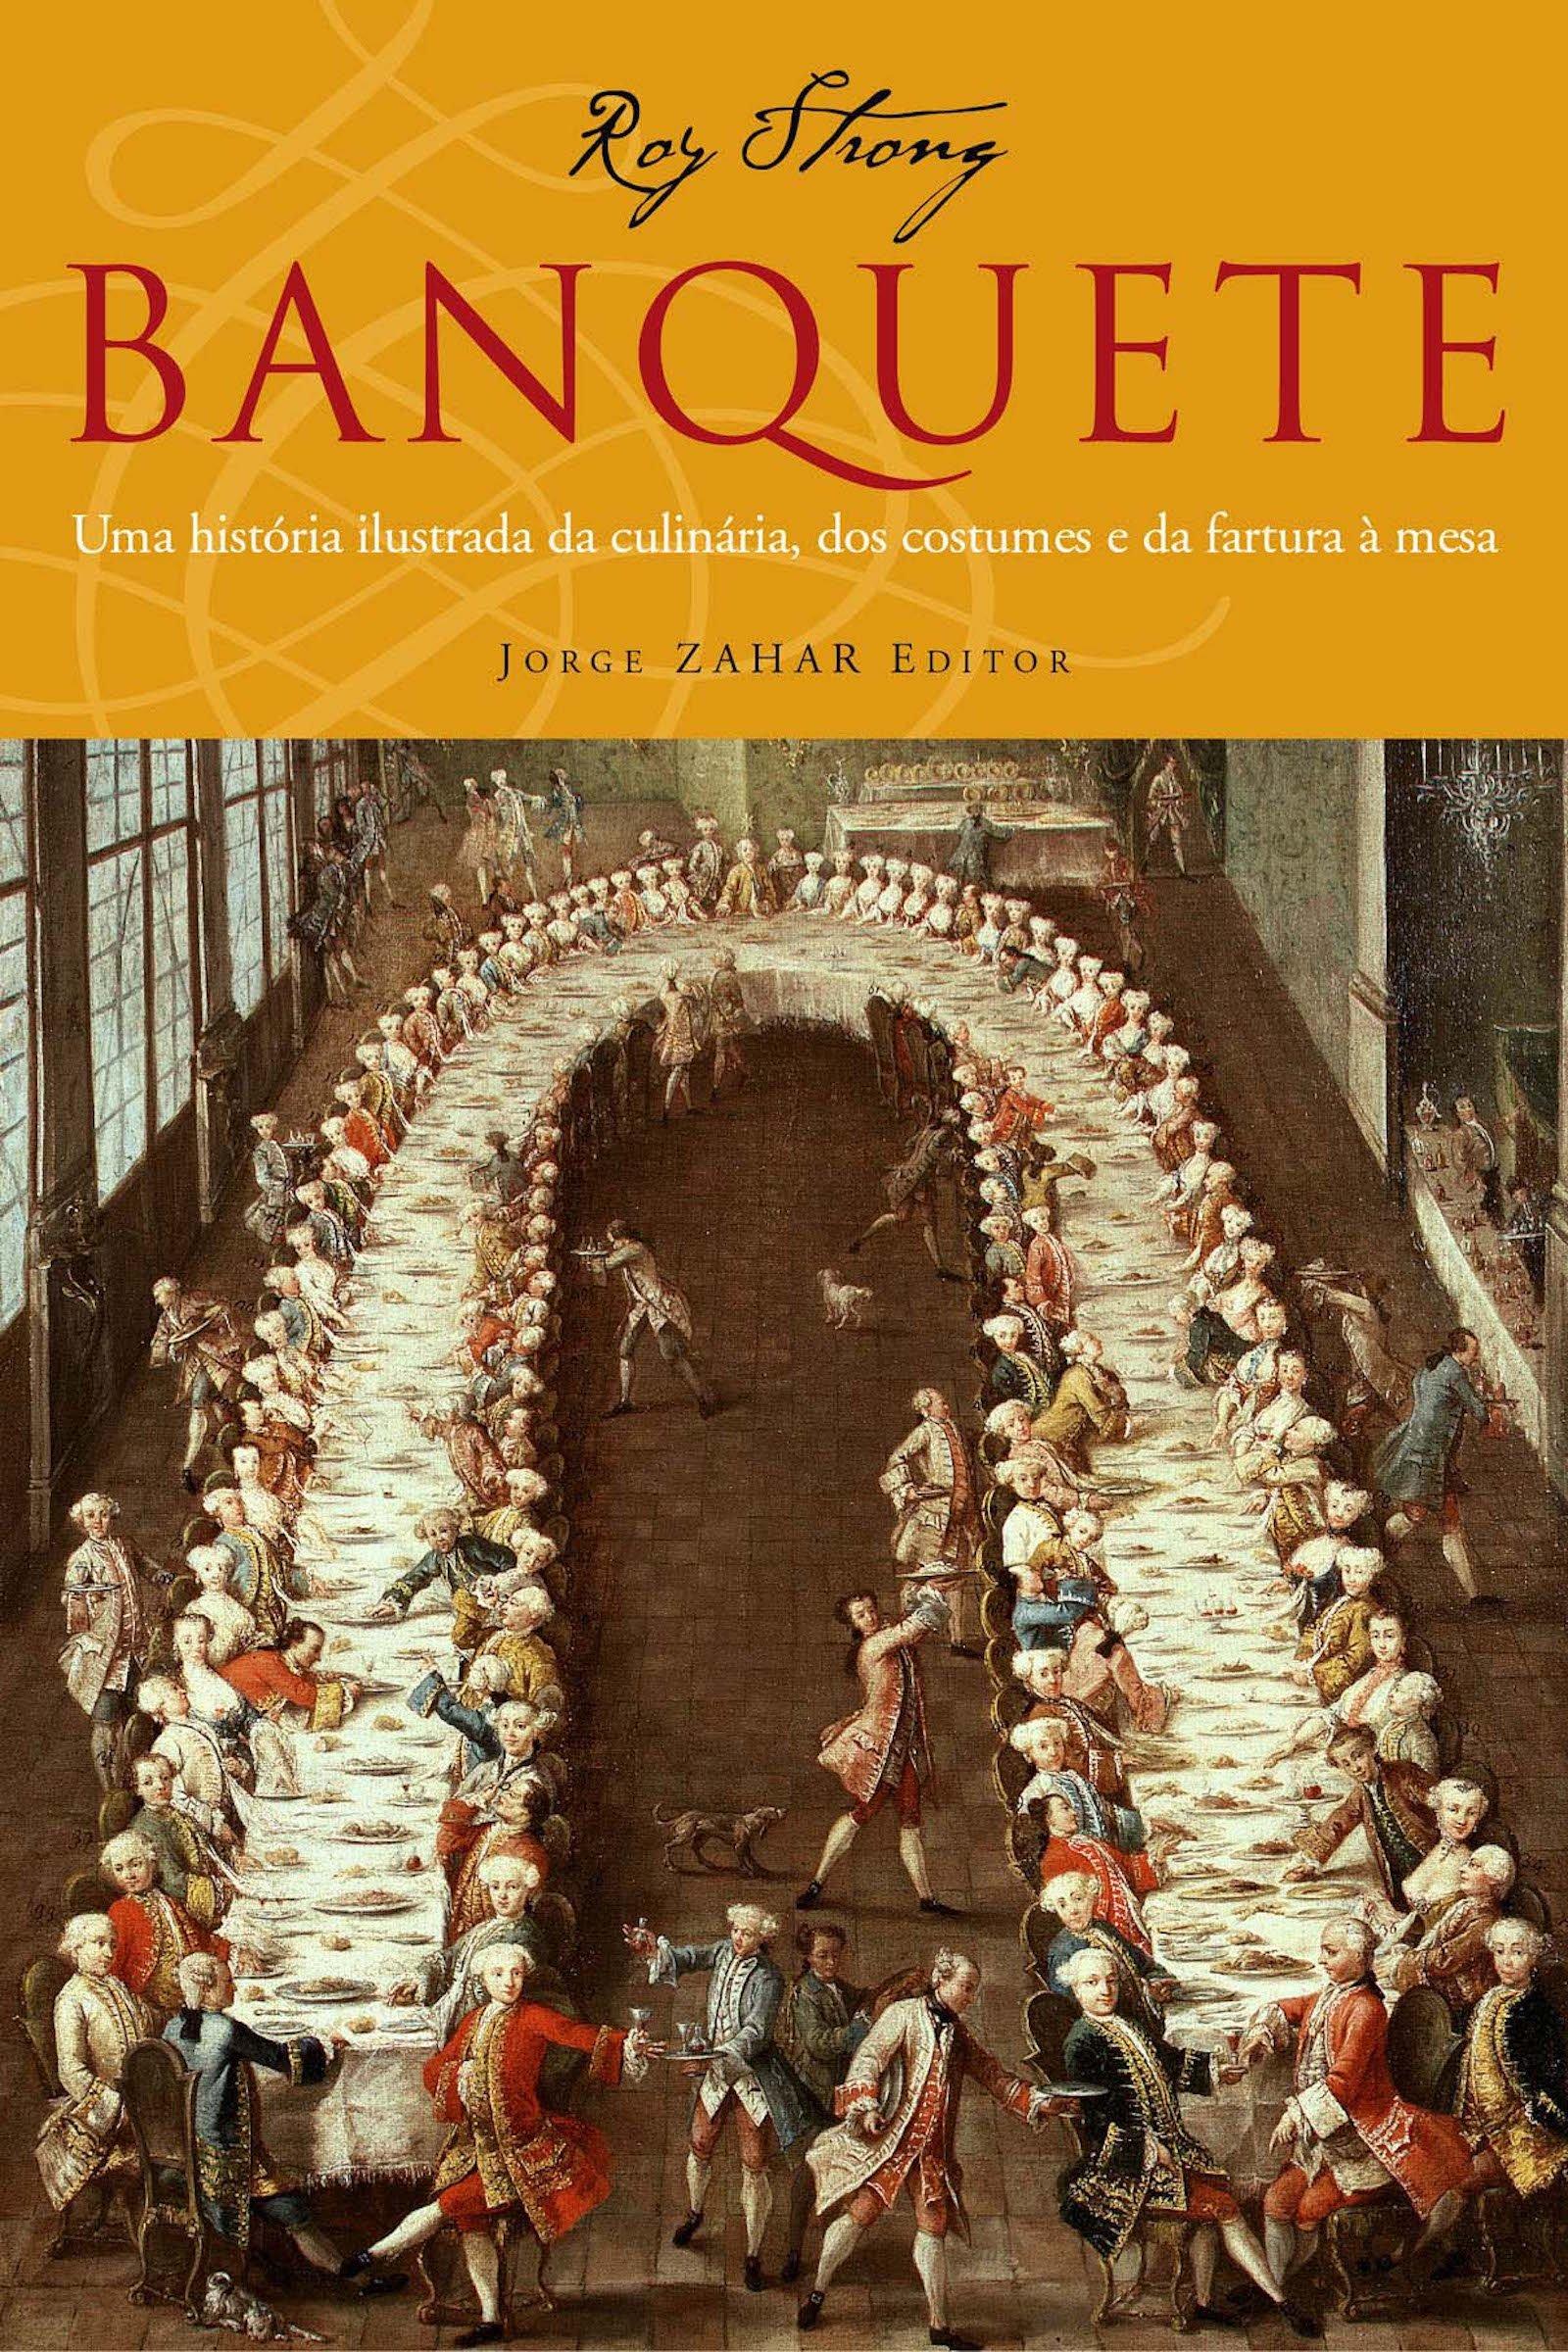 Banquete: uma História Ilustrada da Culinária dos Costumes e da Fartura a Mesa